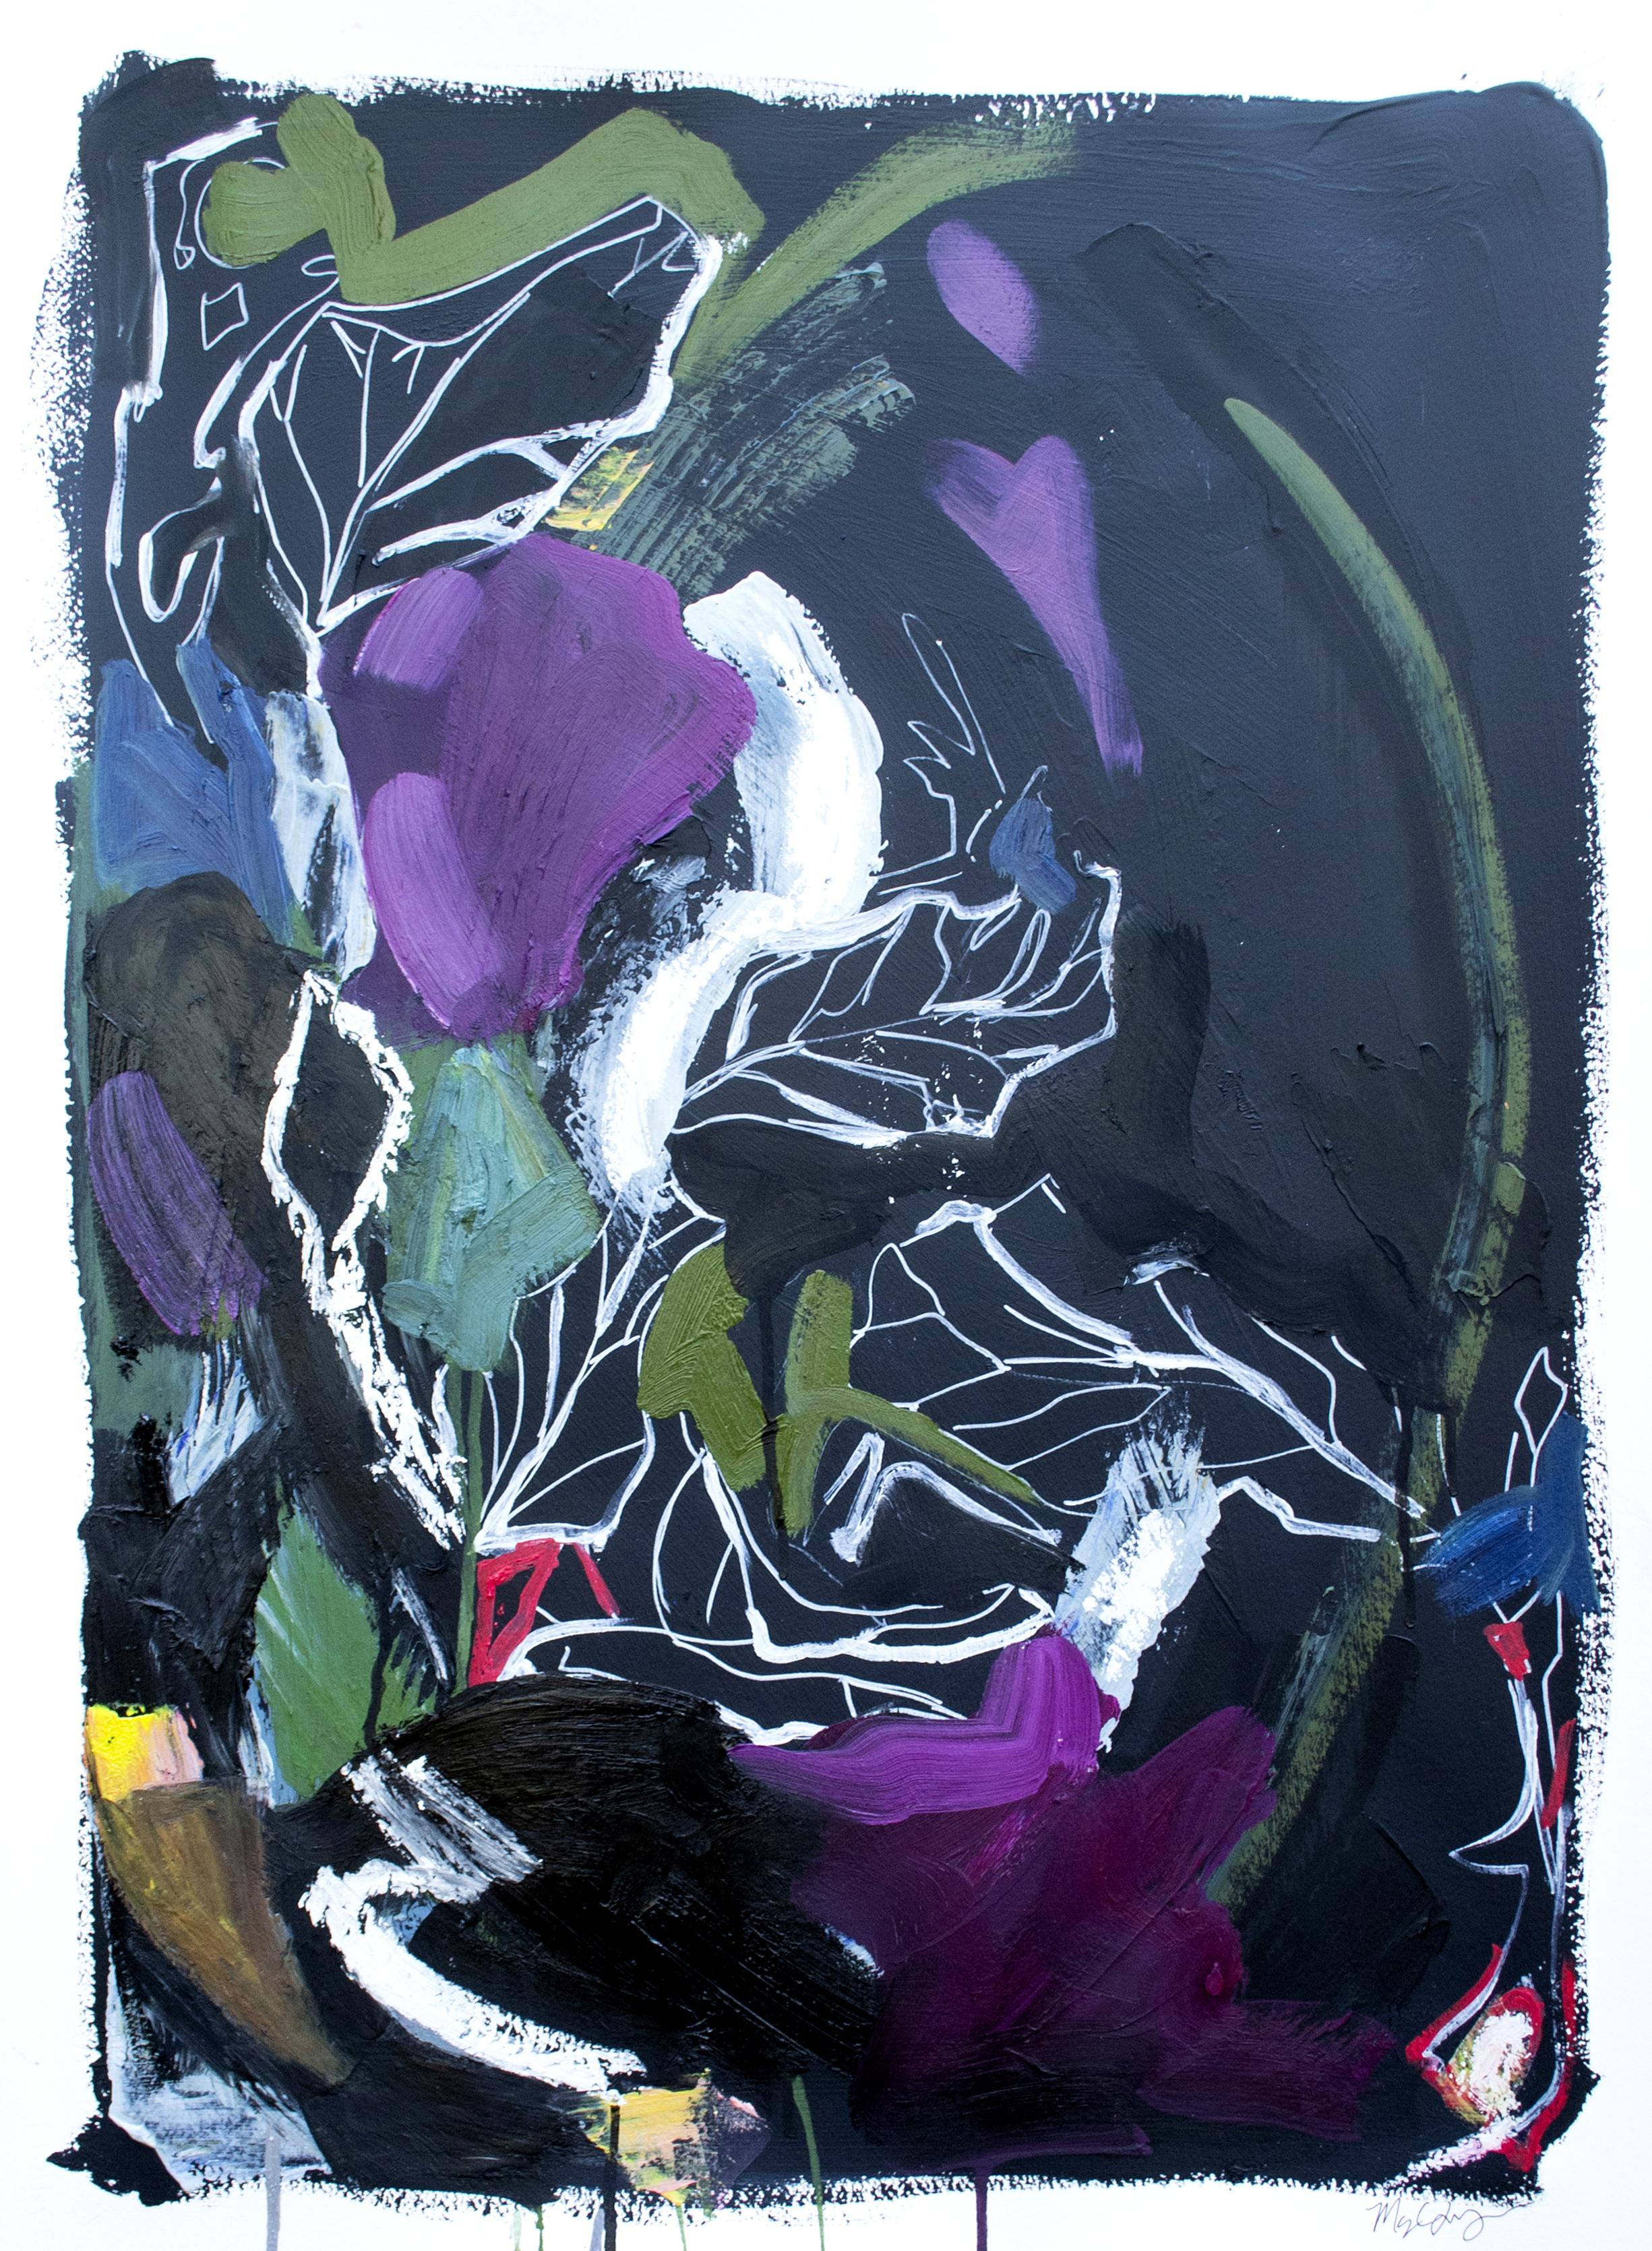 Night Study II. 22x30in oil on paper.